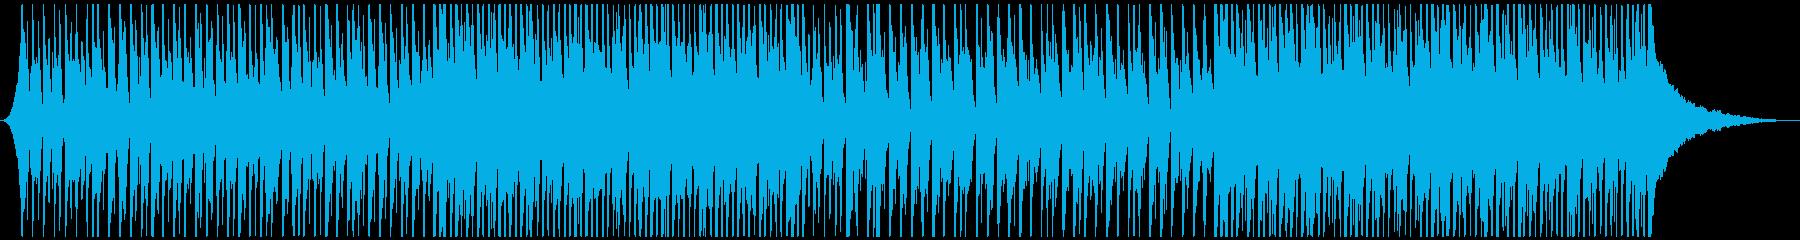 かわいいウクレレと鉄琴のハッピーチューンの再生済みの波形